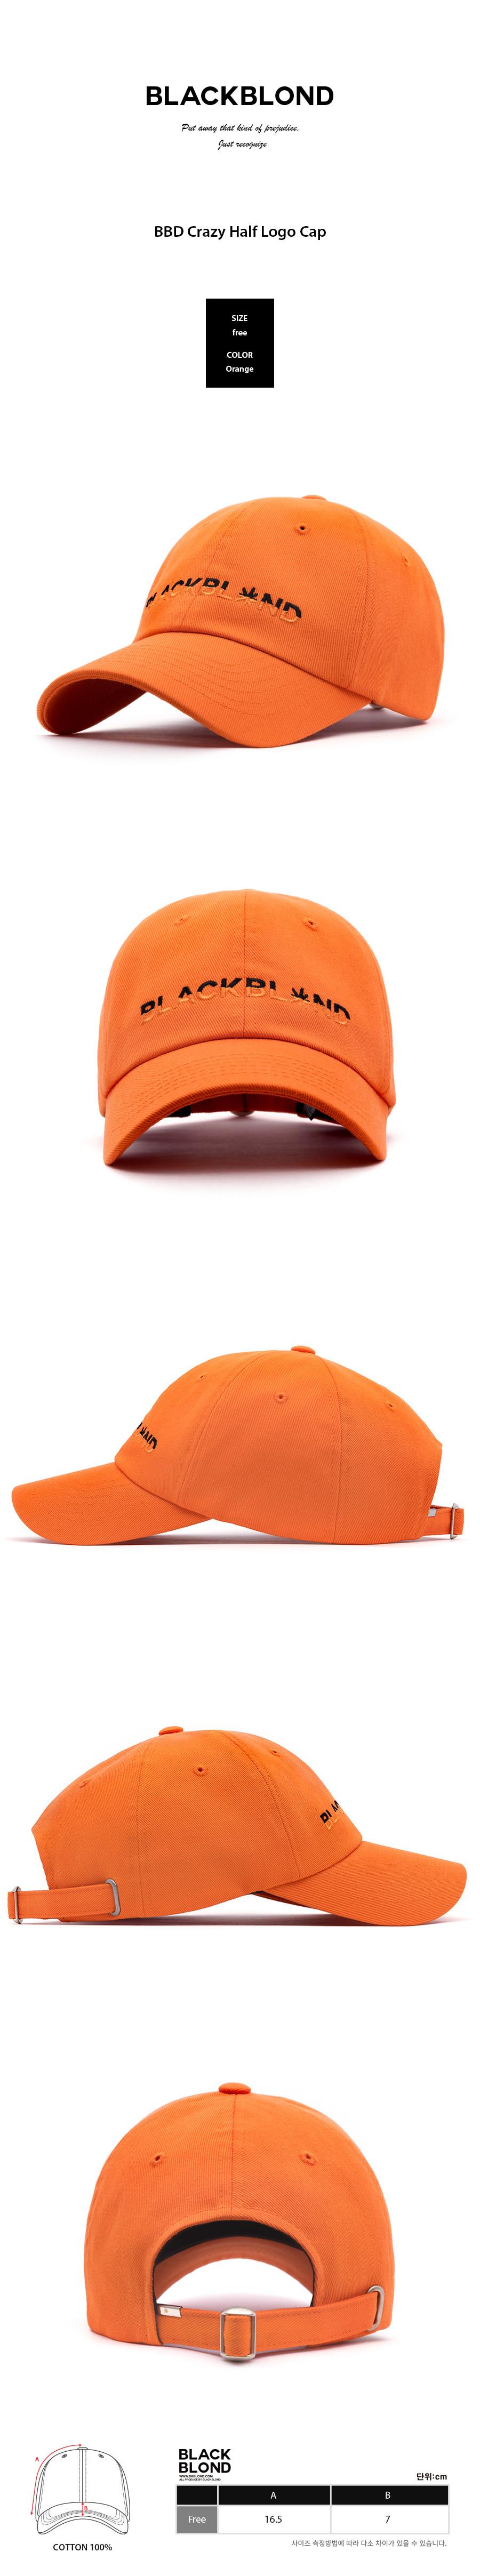 BLACKBLOND - BBD Crazy Half Logo Cap (Orange)